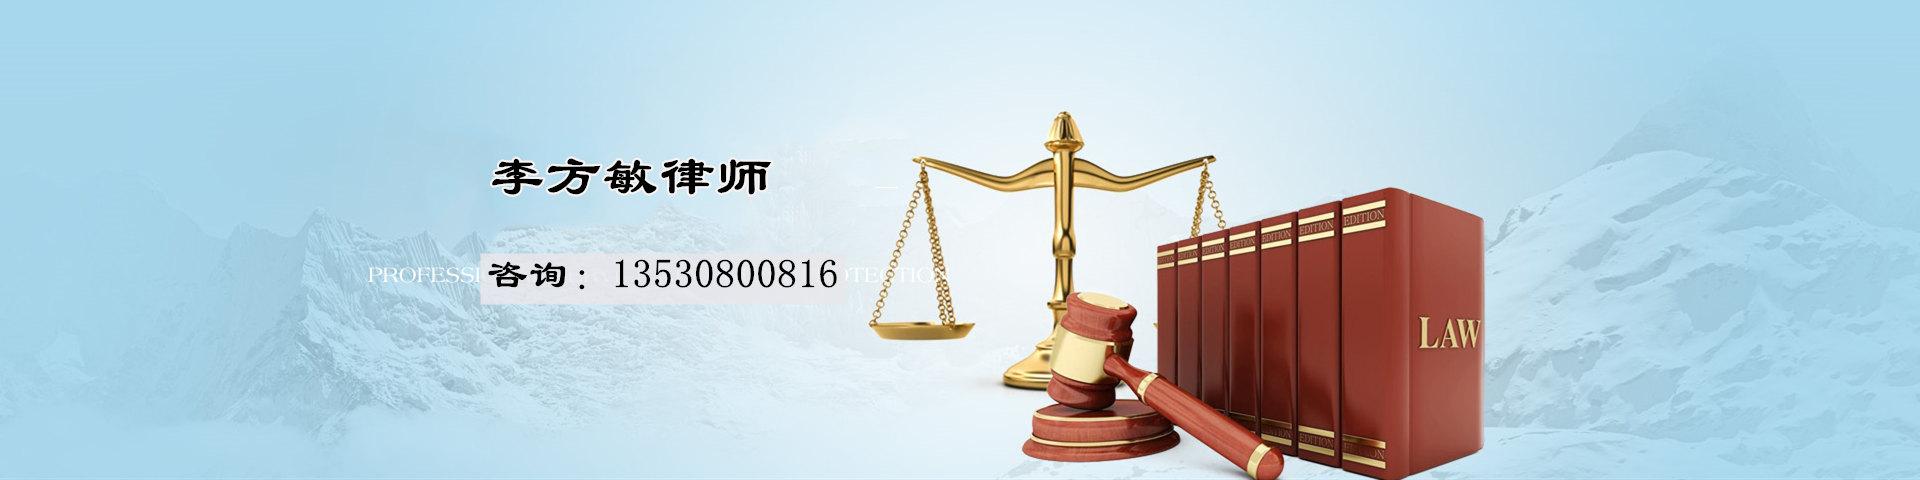 深圳劳动律师网222